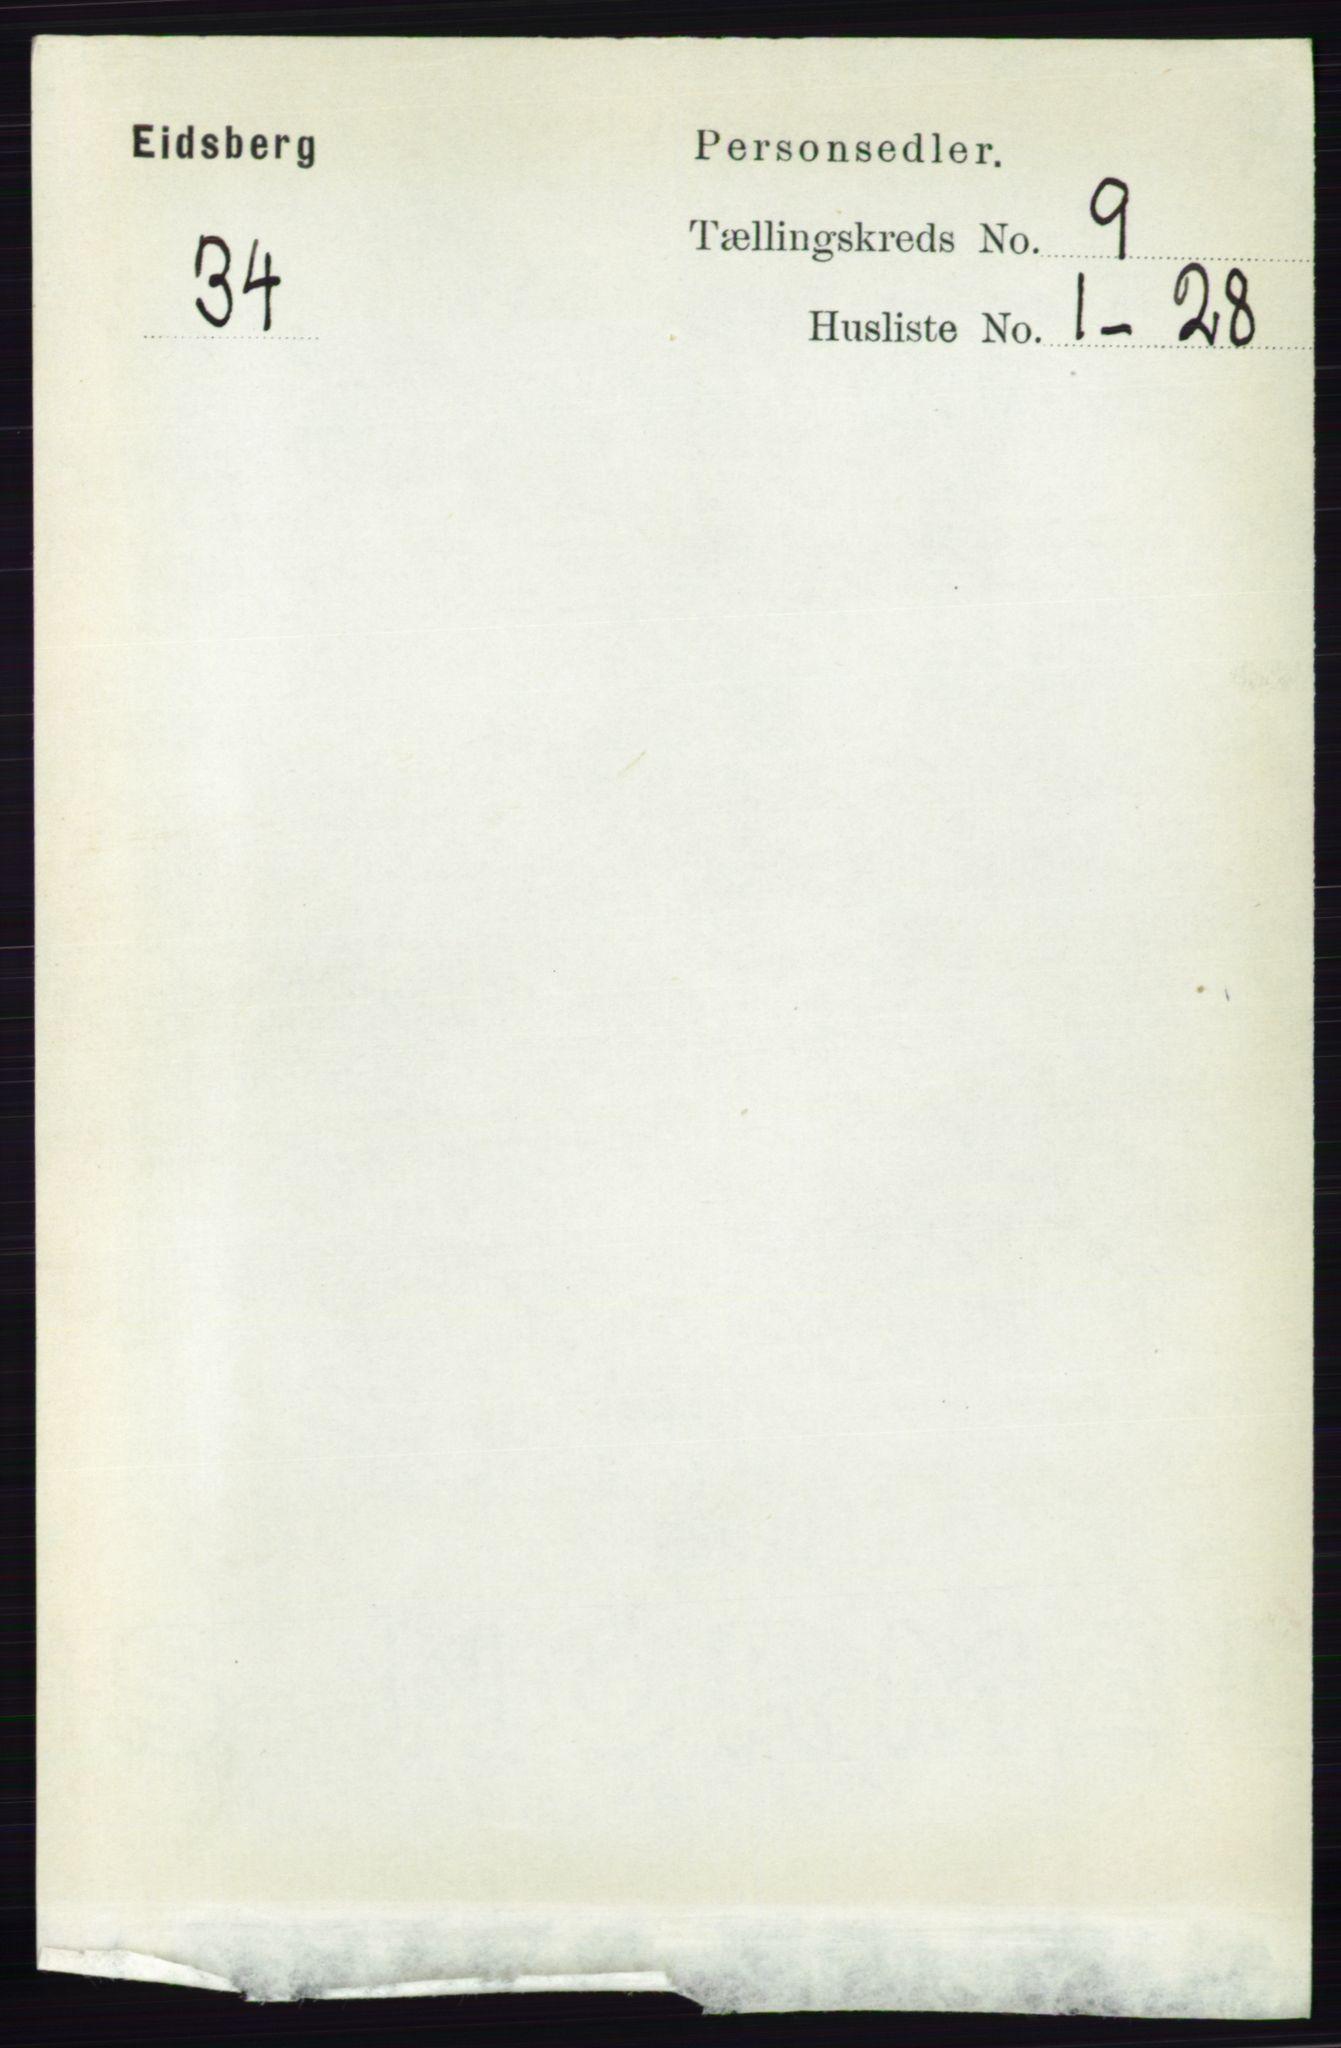 RA, Folketelling 1891 for 0125 Eidsberg herred, 1891, s. 5163